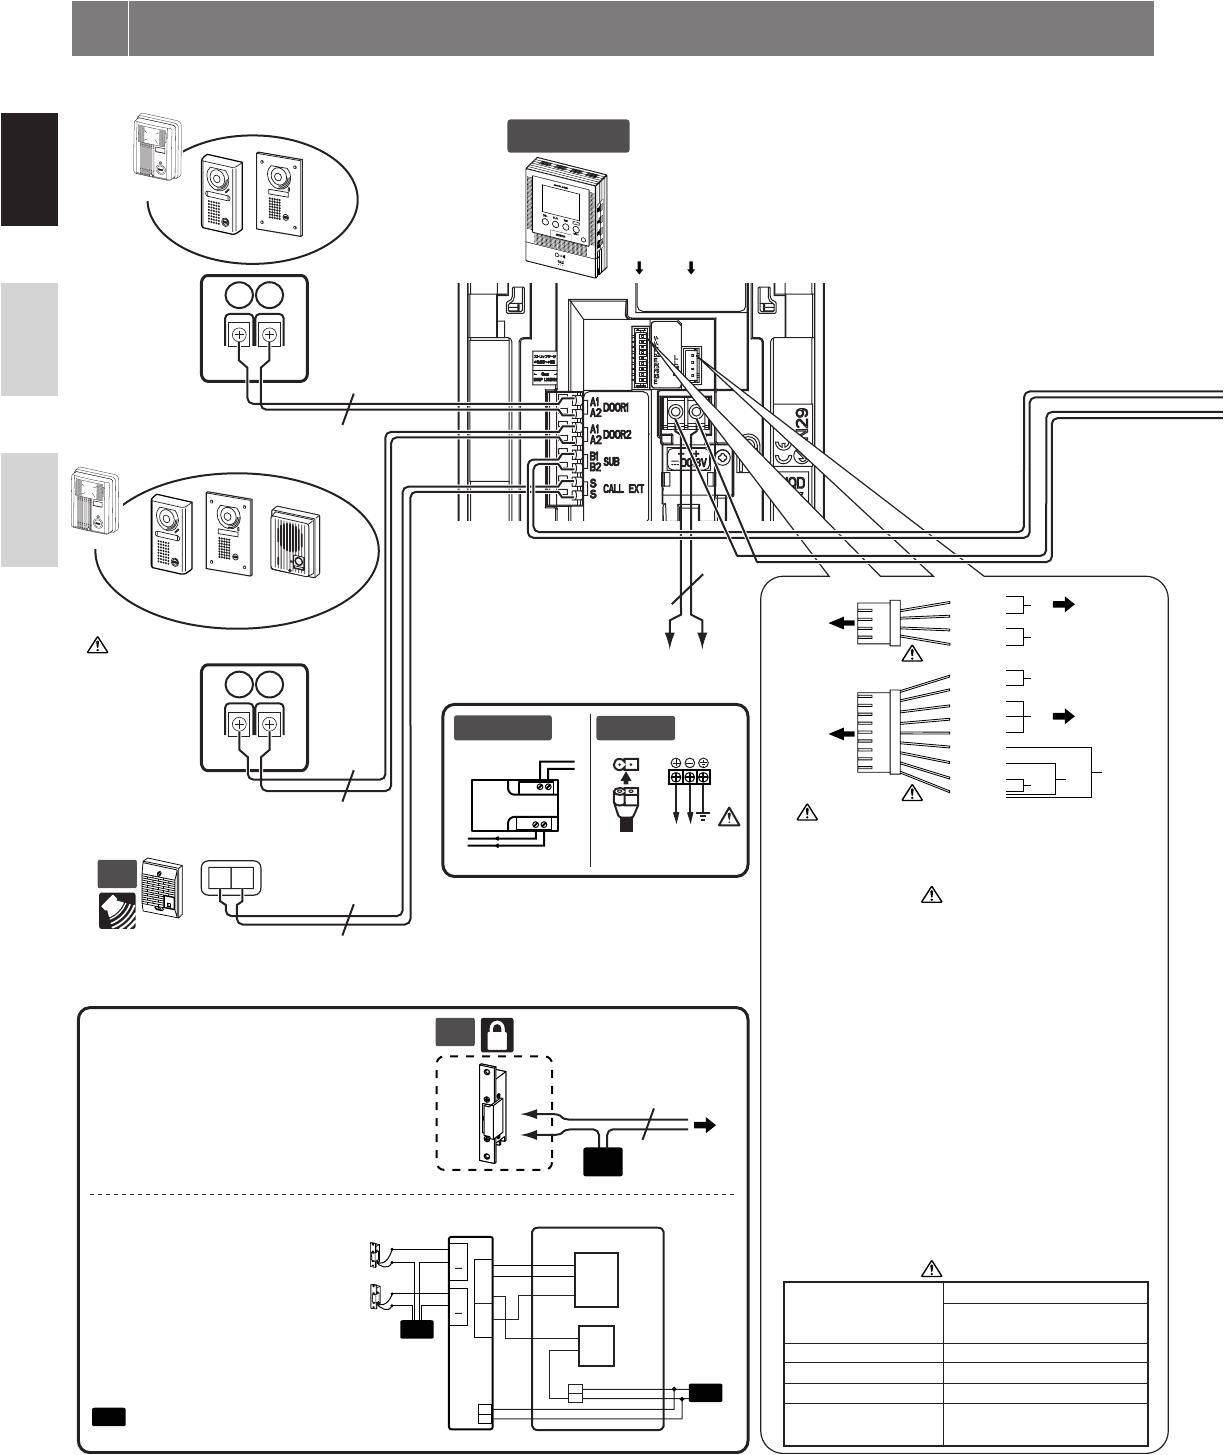 aiphone intercom wiring diagram aiphone inter wiring diagram aiphone video inter wiring diagram unique aiphone wiring diagram aiphone da 6h jpg